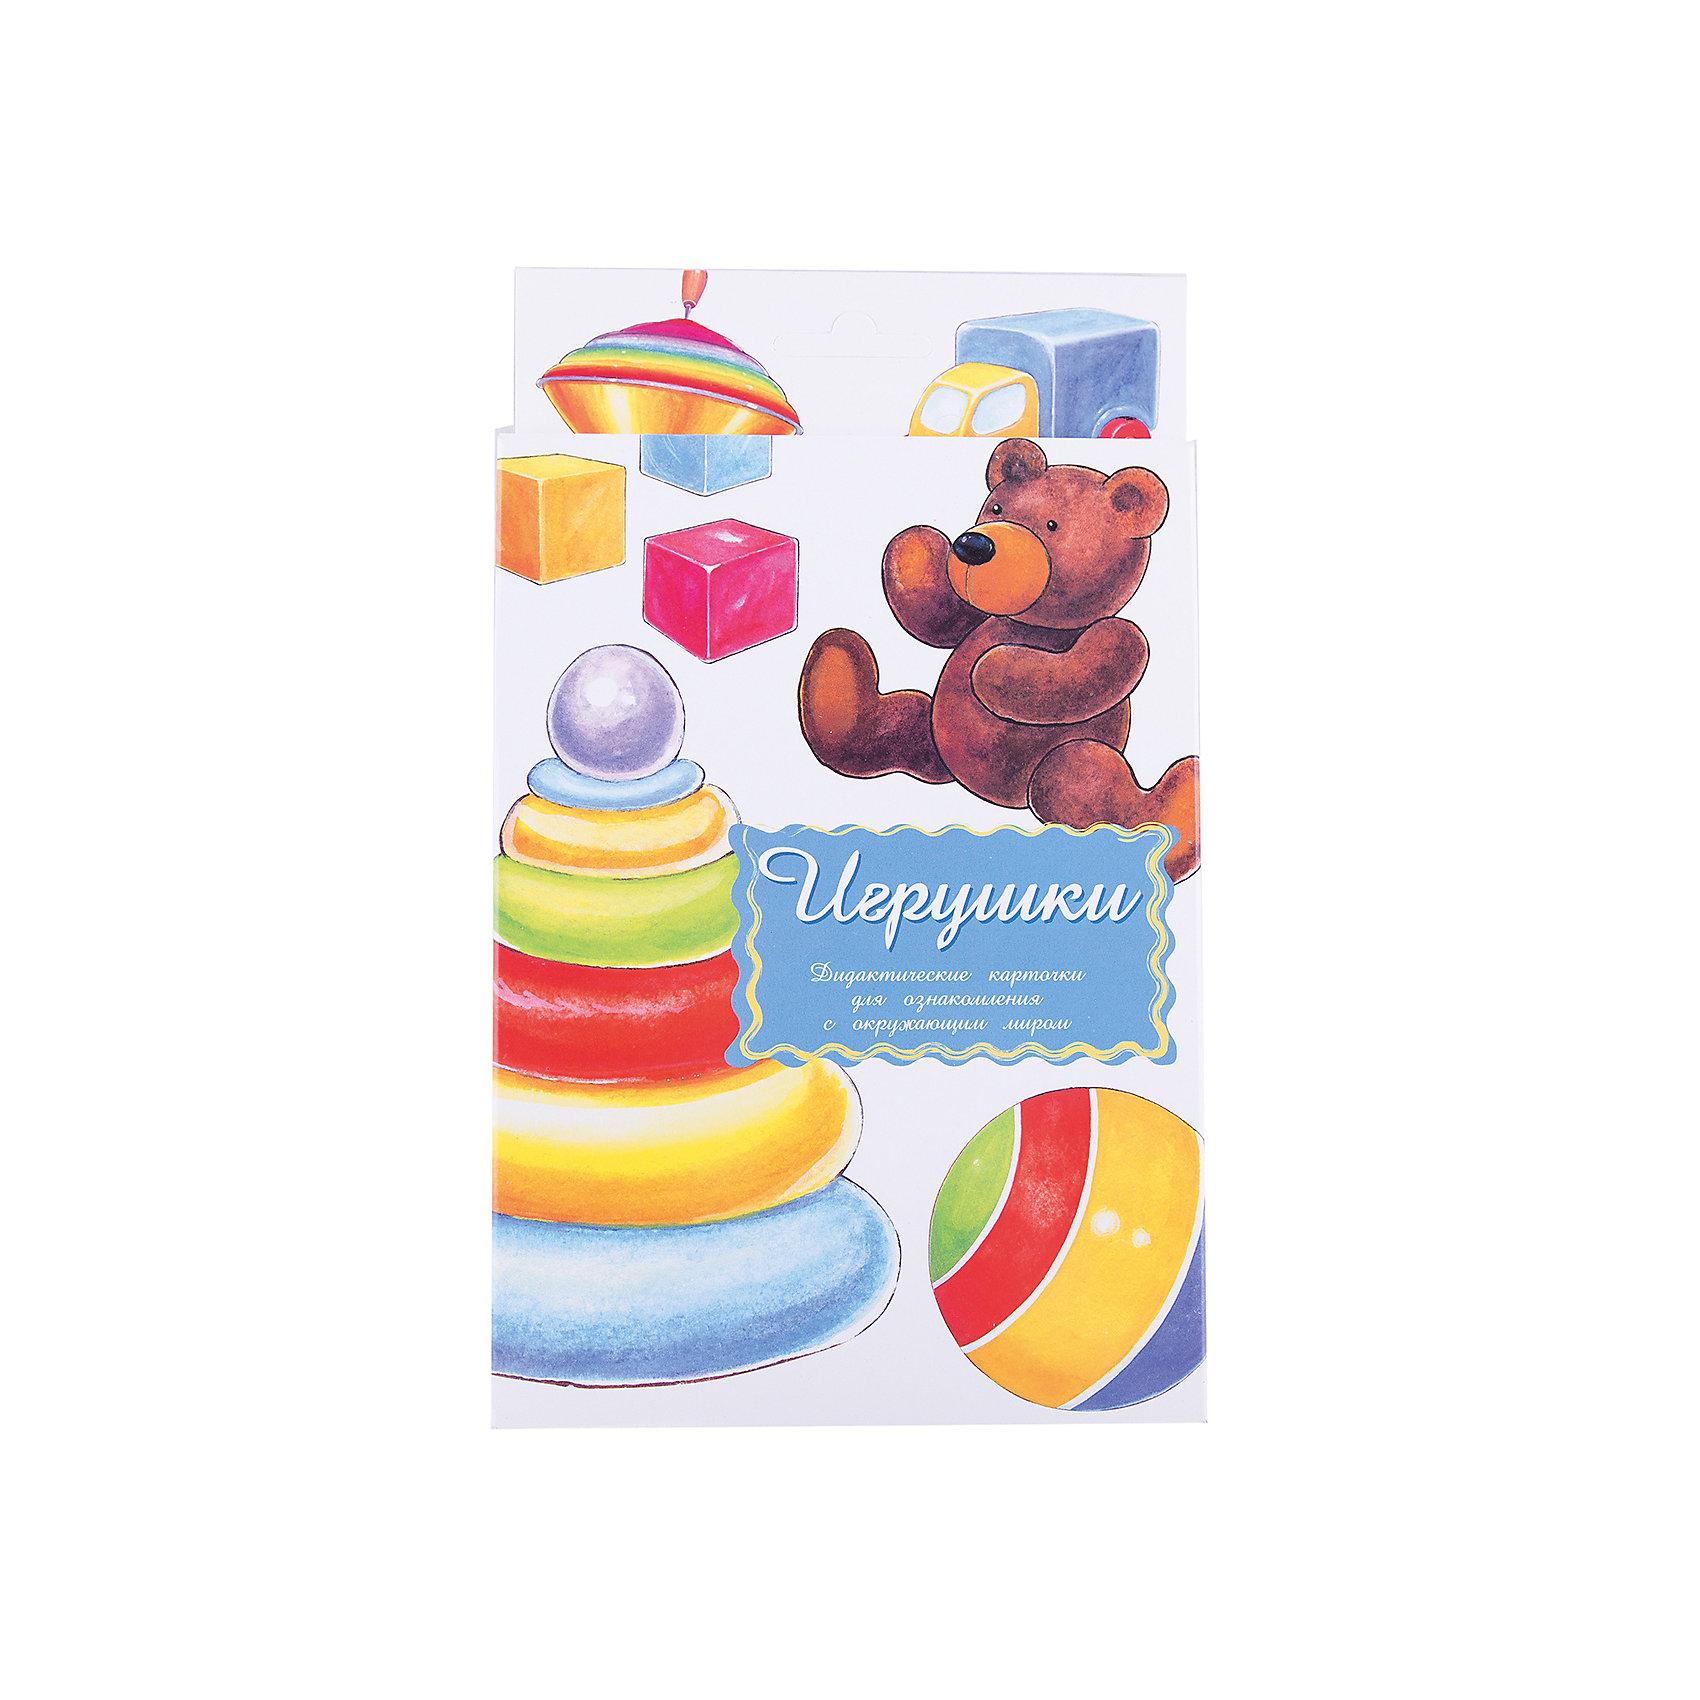 Дидактические карточки Игрушки, Маленький генийОбучающие карточки<br>Дидактические карточки Игрушки, Маленький гений.<br><br>Характеристики:<br><br>• Художник: Подколзин Евгений<br>• Количество карточек: 16<br>• Размер карточек: 25х15 см.<br>• Материал: картон<br>• Упаковка: картонный блистер с европодвесом<br>• Размер упаковки: 25,2х15,1х1 см.<br><br>Дидактические карточки с крупными яркими картинками познакомят малыша с игрушками. Всего в набор входит 16 карточек: кукла, кубики, матрёшка, мяч, неваляшка, совок, машинка, мишка, пазл, солдатик, скакалка, ведёрко, пирамидка, юла, погремушка, конструктор. На одной стороне каждой карточки изображена игрушка, а на обратной стороне дано ее описание: когда она появилась, интересные факты, загадки. <br><br>Совсем маленькому ребенку можно просто показывать карточки и называть игрушки. Когда он запомнит их, можно просить его найти карточку с той или иной игрушкой. Если ребенок учится читать, можно отрезать названия и, перемешав, предложить ребенку подобрать картинки к названиям. С карточками можно организовать и множество игр на развитие внимания, логического мышления и памяти. <br><br>Выложите несколько карточек, попросите ребенка их запомнить, затем перемешайте и предложите малышу выложить те же карточки в том же порядке. Выложите несколько карточек, пусть ребенок внимательно на них посмотрит и запомнит. Затем попросите его отвернуться и поменяйте что-нибудь. Можно поменять карточки местами. Убрать или добавить карточку, или заменить одну. Ребенок должен определить, что изменилось. Можно по очереди с ребенком отвечать на вопрос «Какой?» относительно каждой карточки, стараясь дать больше ответов. <br><br>Разглядывая карточки, играя с ними, ваш малыш не только обогатит свой багаж знаний об окружающем мире, но и научится составлять предложения, беседовать по картинкам, классифицировать и систематизировать предметы. Карточки рекомендуются родителям, логопедами, психологами, воспитателями детских садов, учителями начальных клас